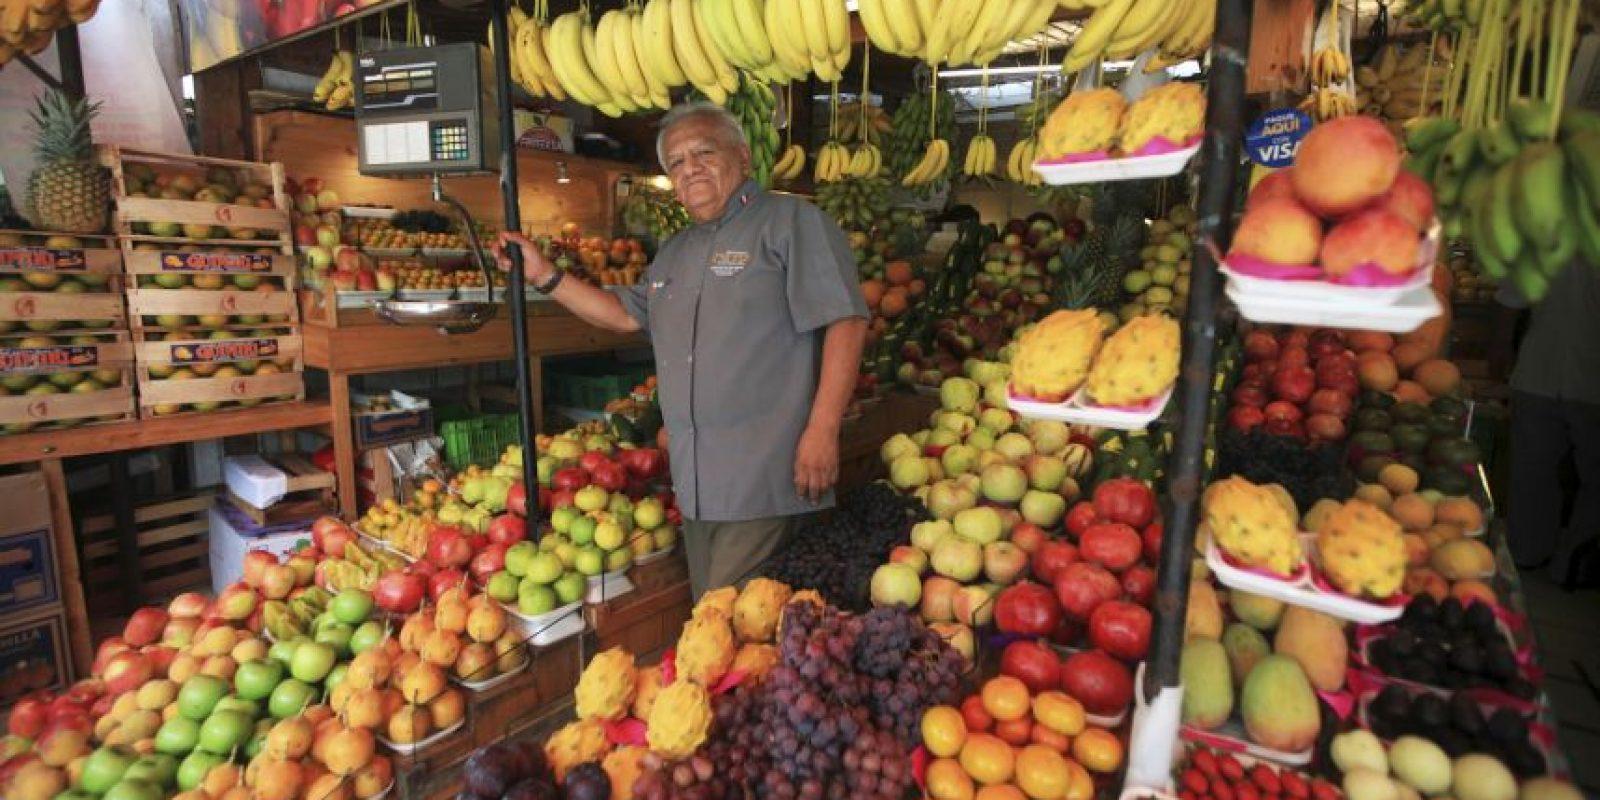 ¿Quiere preparar una ensalada de frutas? Don Pedro Ortiz le ofrece 200 variedades en su puesto del Mercado de San Isidro. Foto:Sengo Pérez